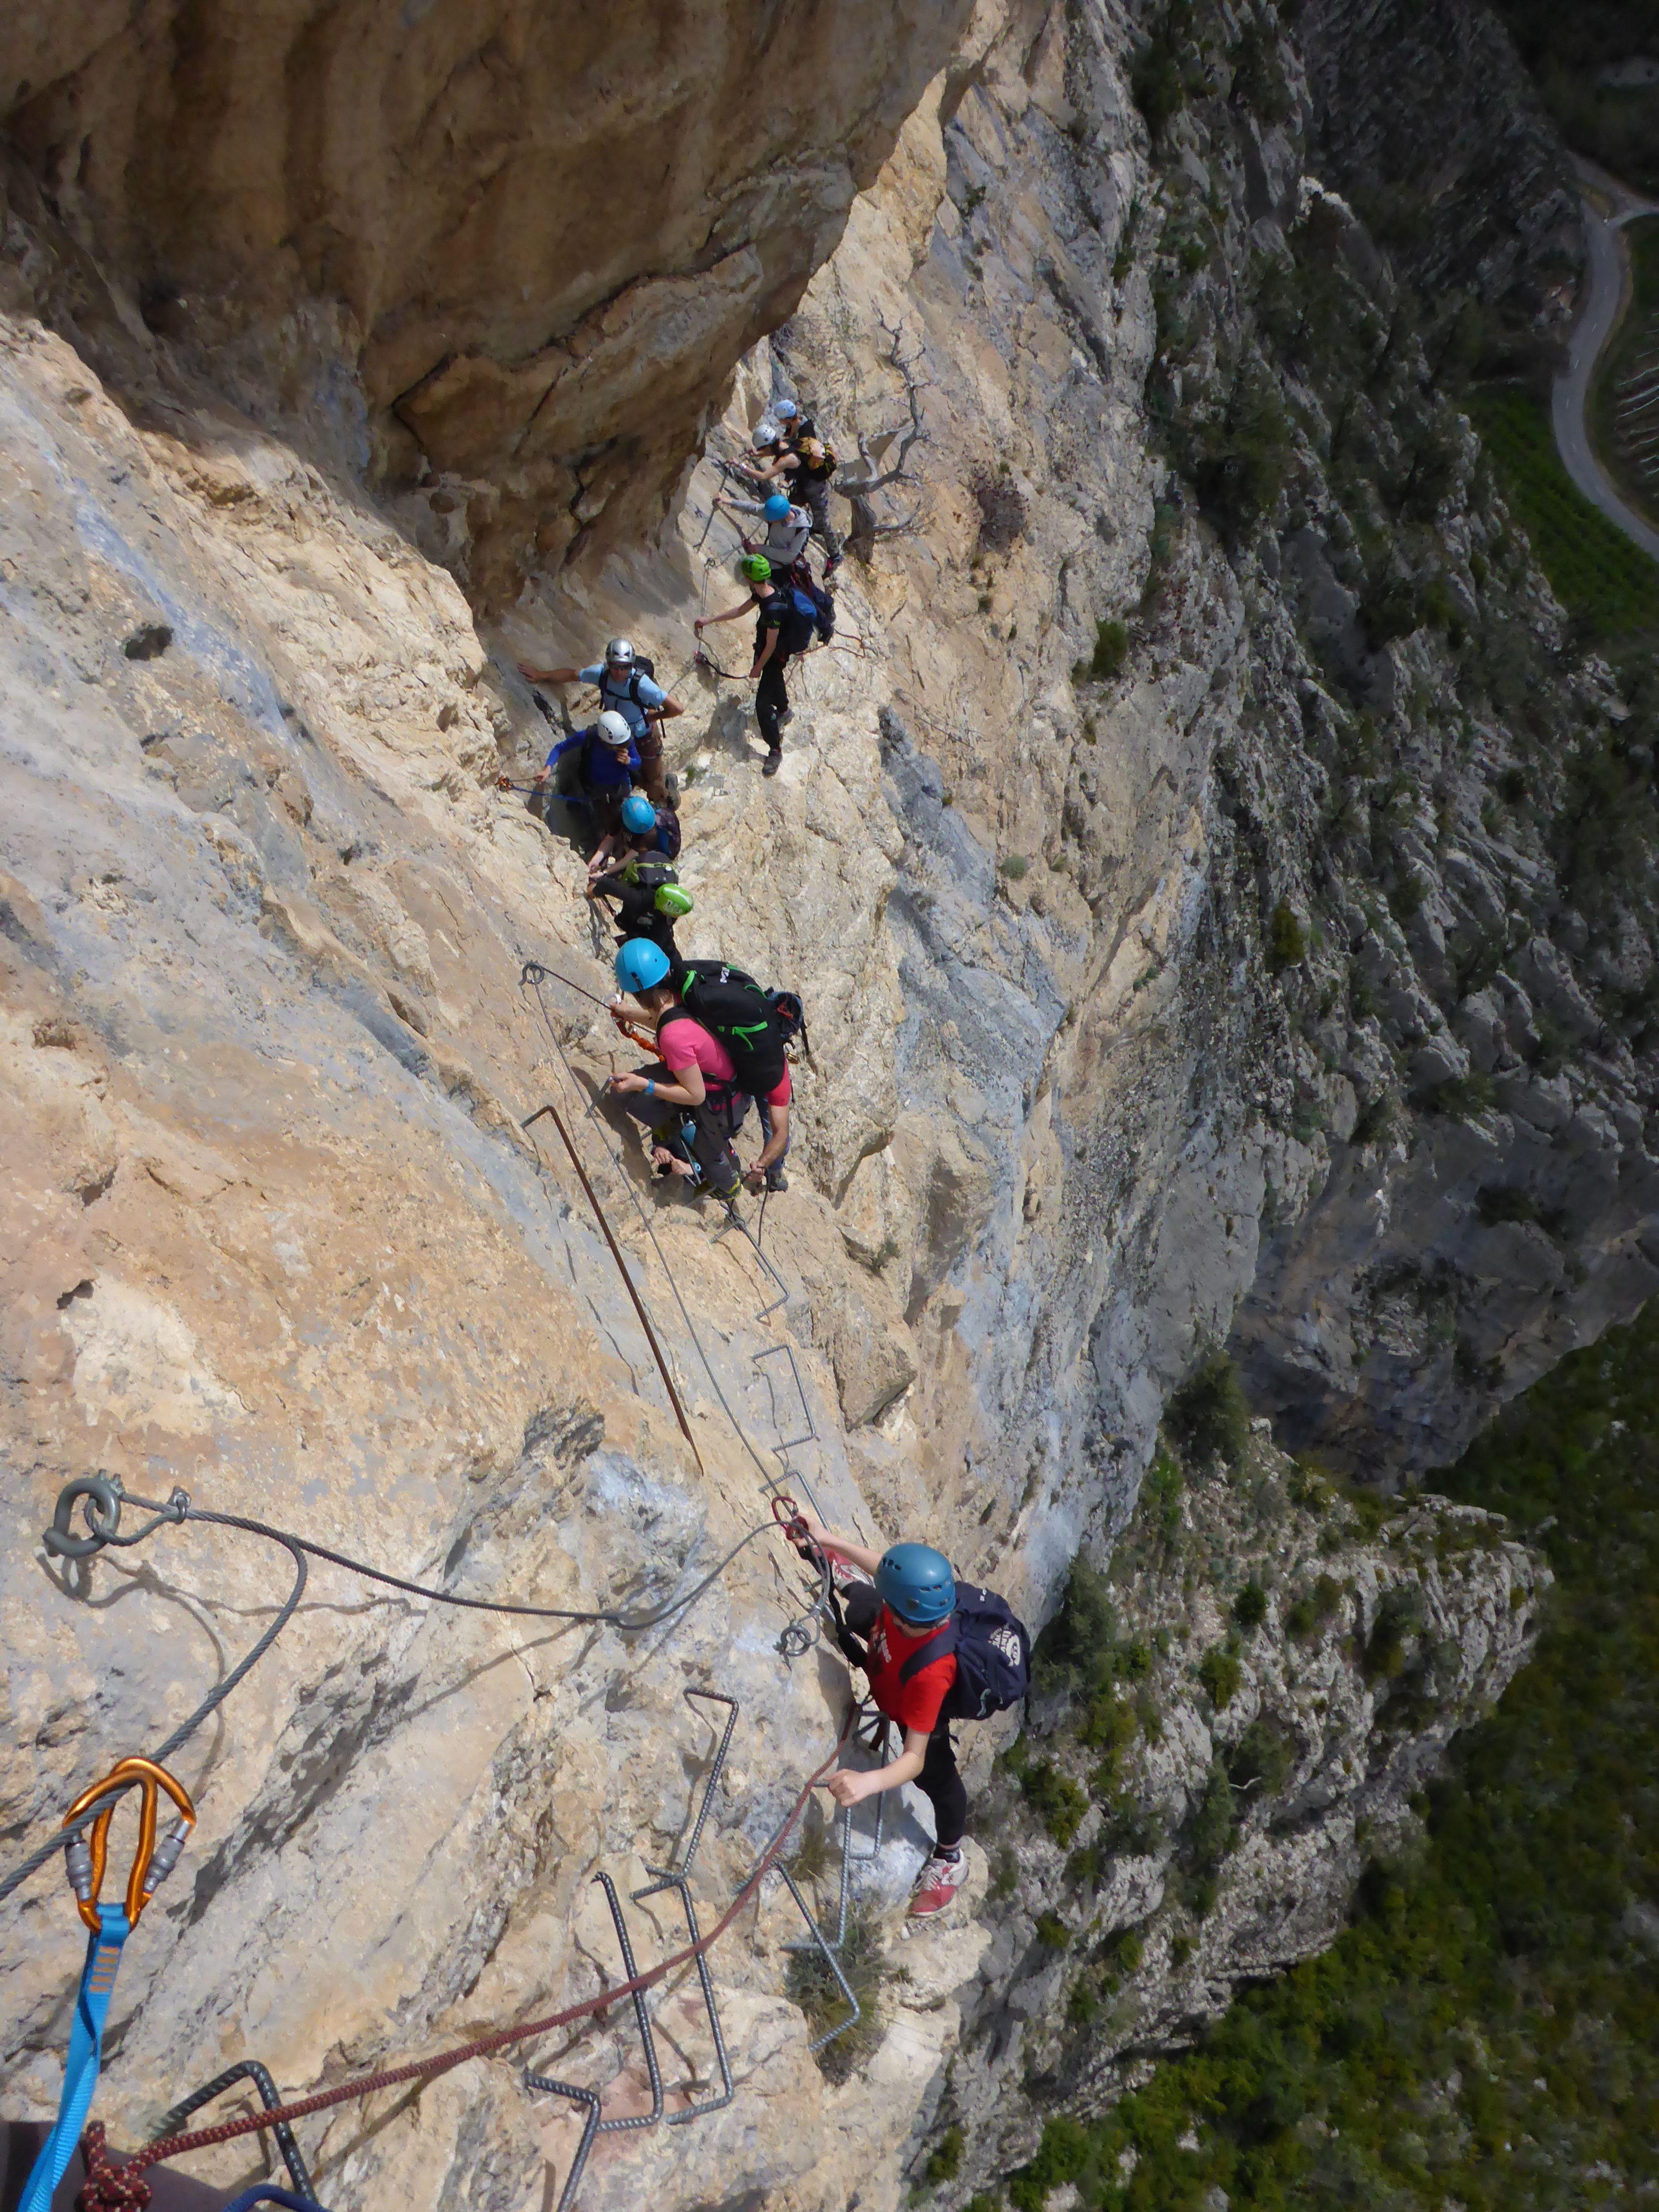 Via Ferrata De La Grande Fistoire A La Motte Du Caire Lesgeckos Le Caire Alpes De Haute Provence Alpes